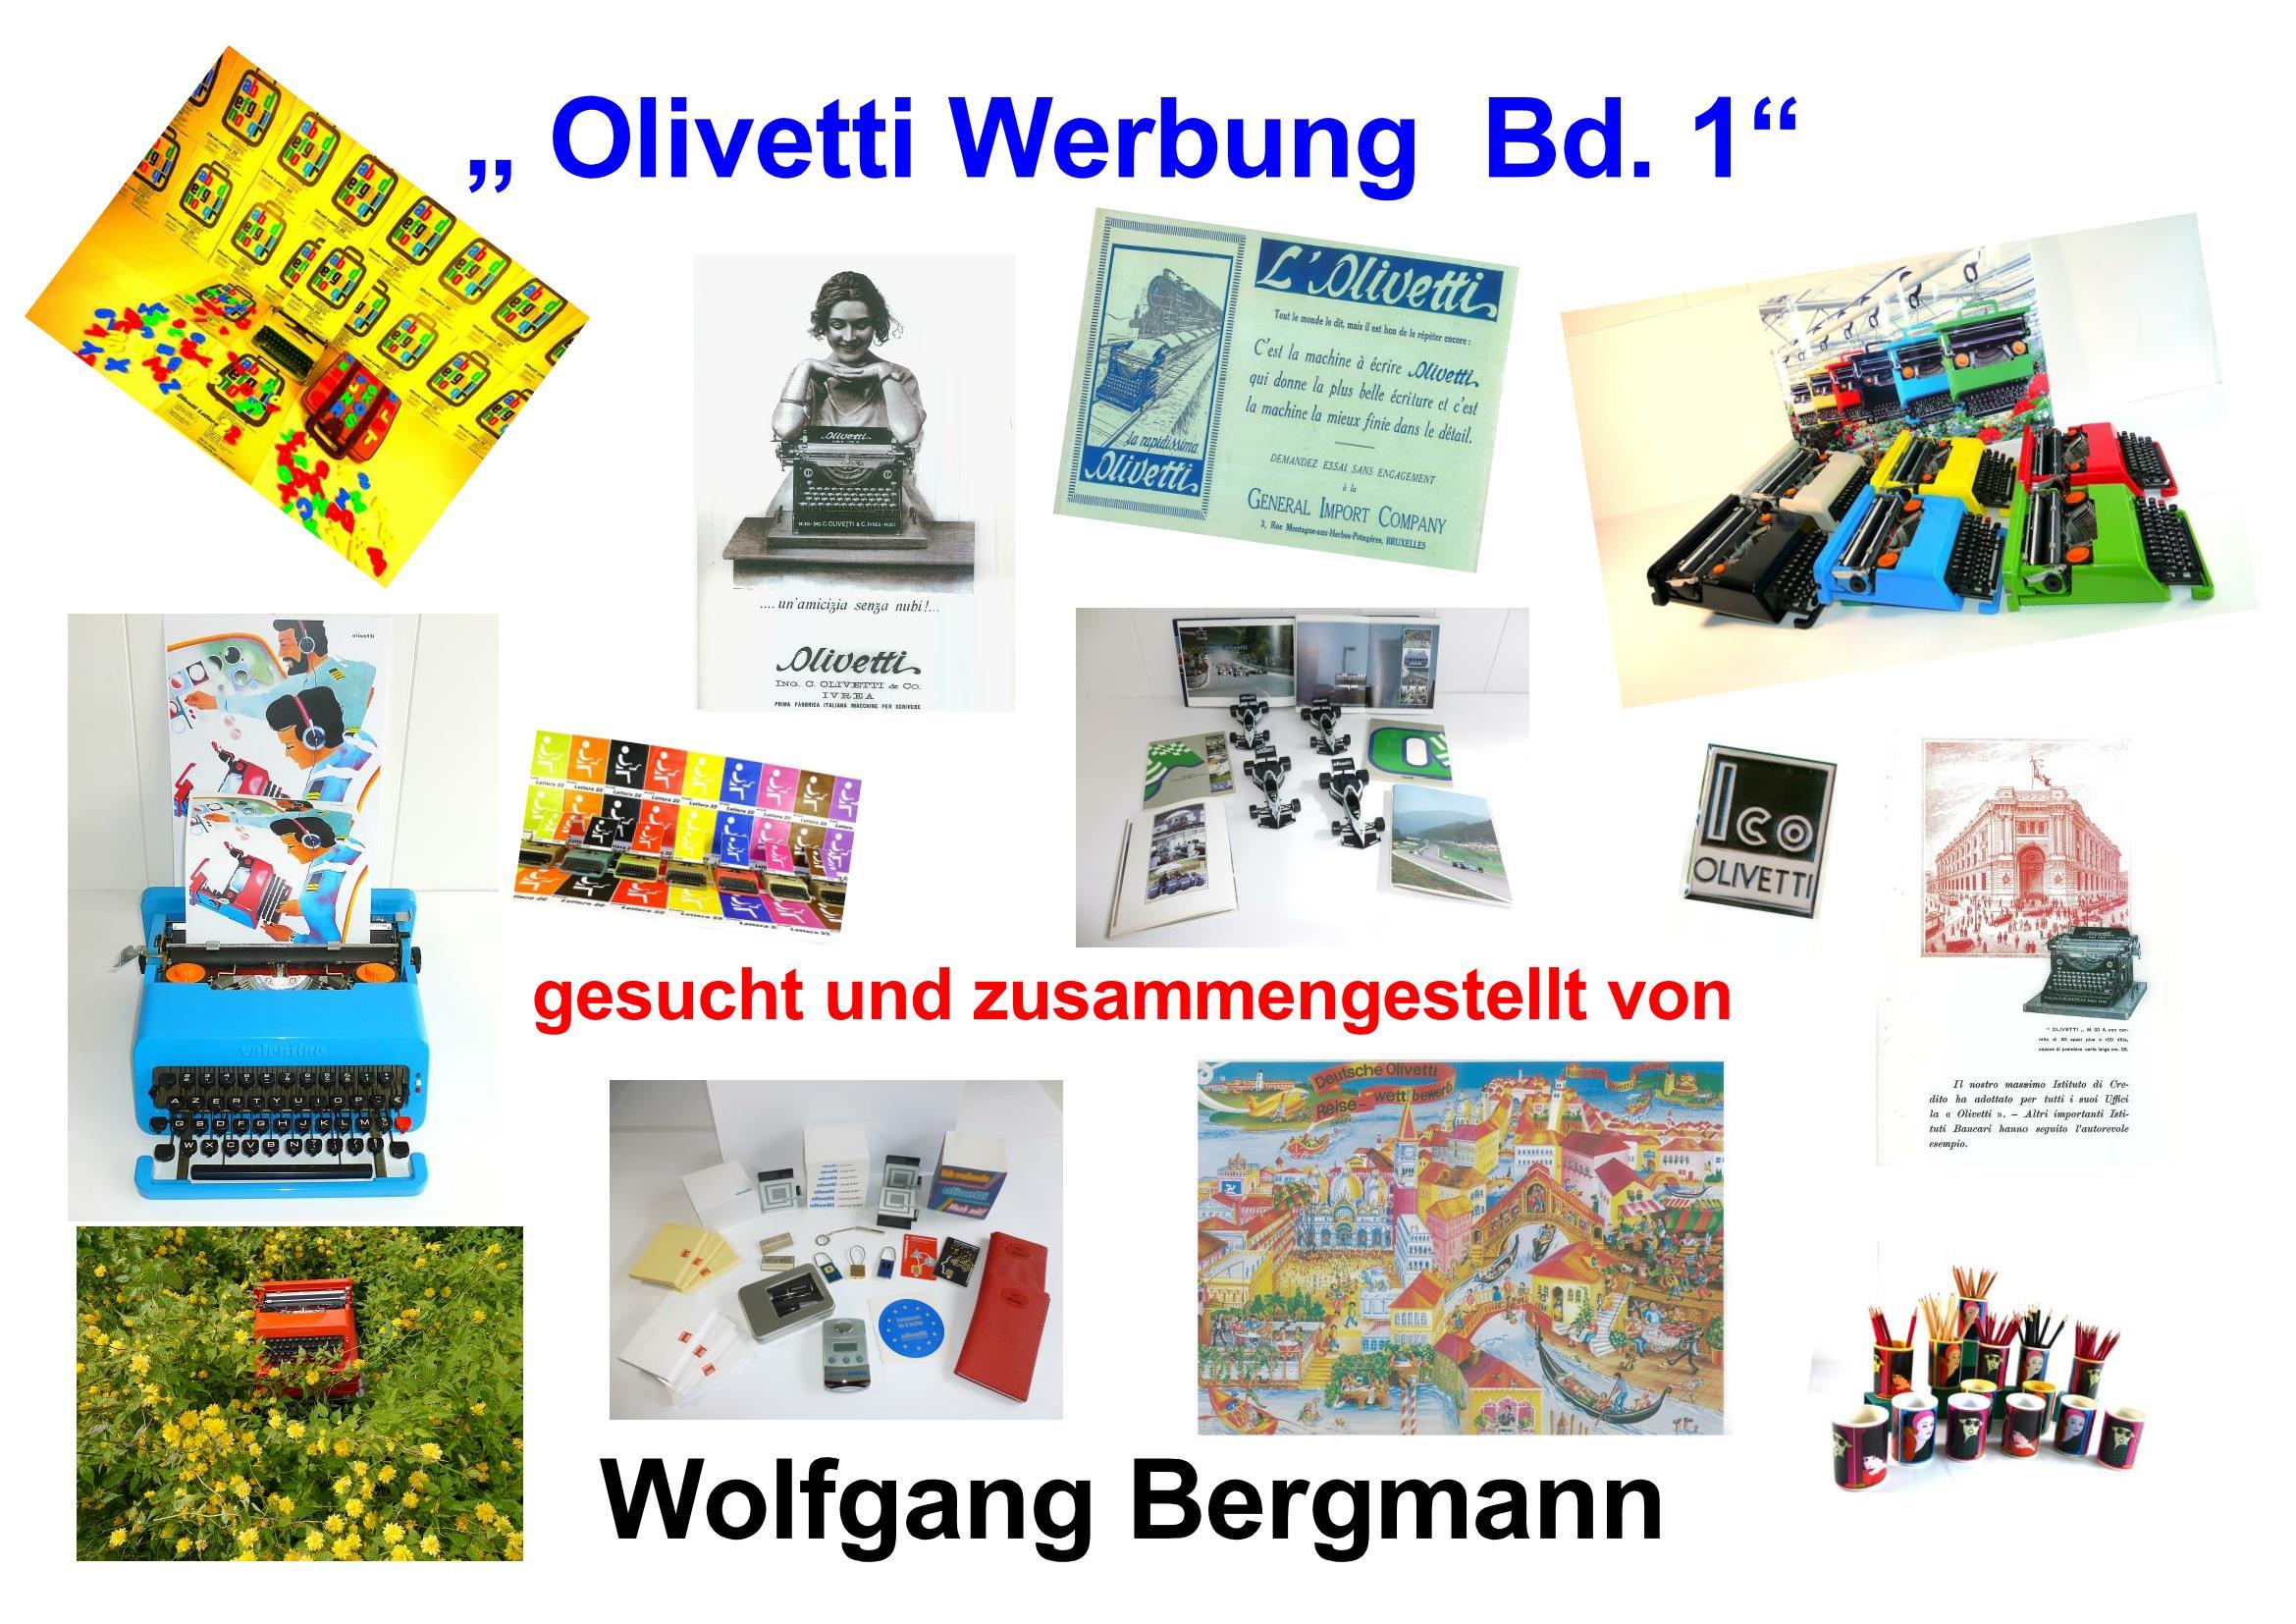 Olivetti Werbung (1911 - 1991)